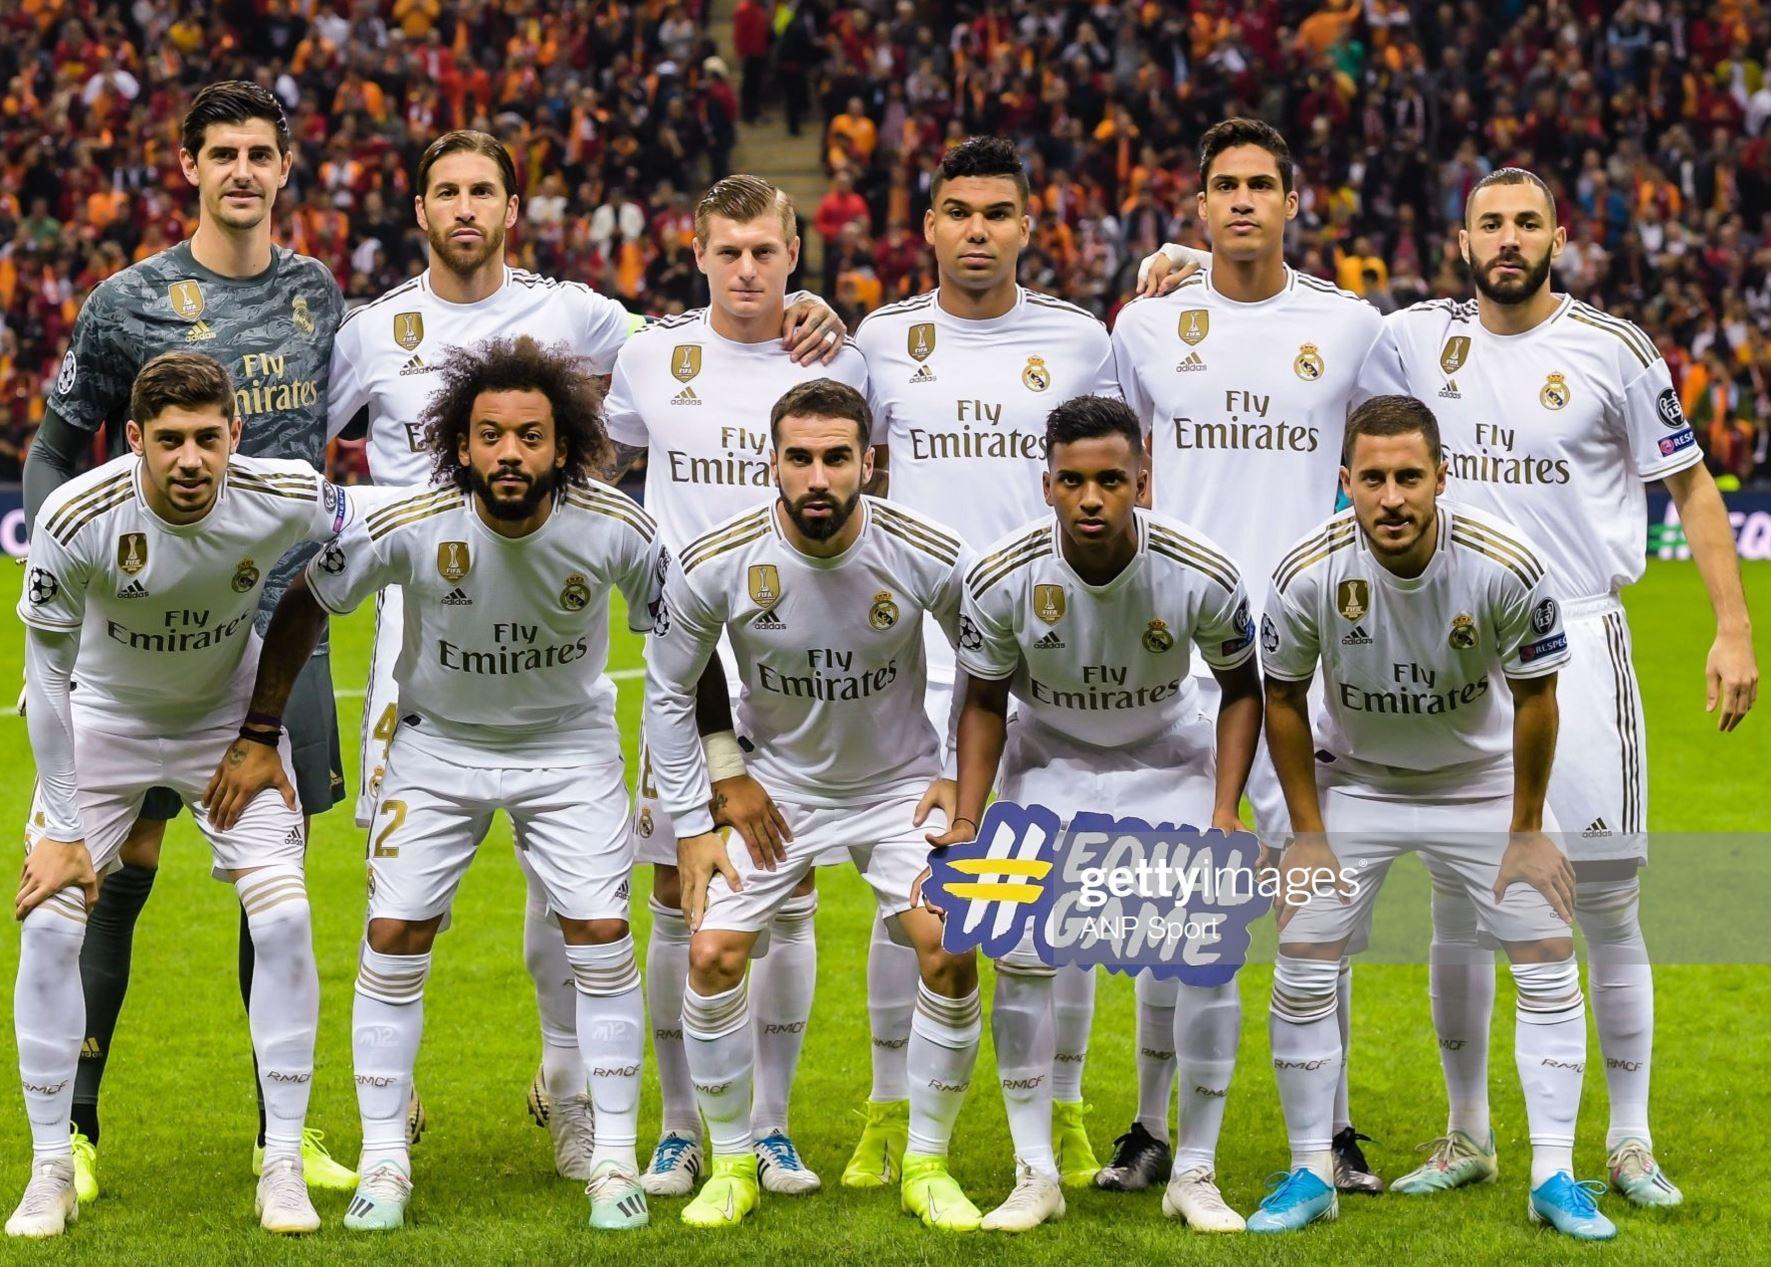 Галатасарай (Турция) - Реал Мадрид (Испания) 0:1. Нажмите, чтобы посмотреть истинный размер рисунка